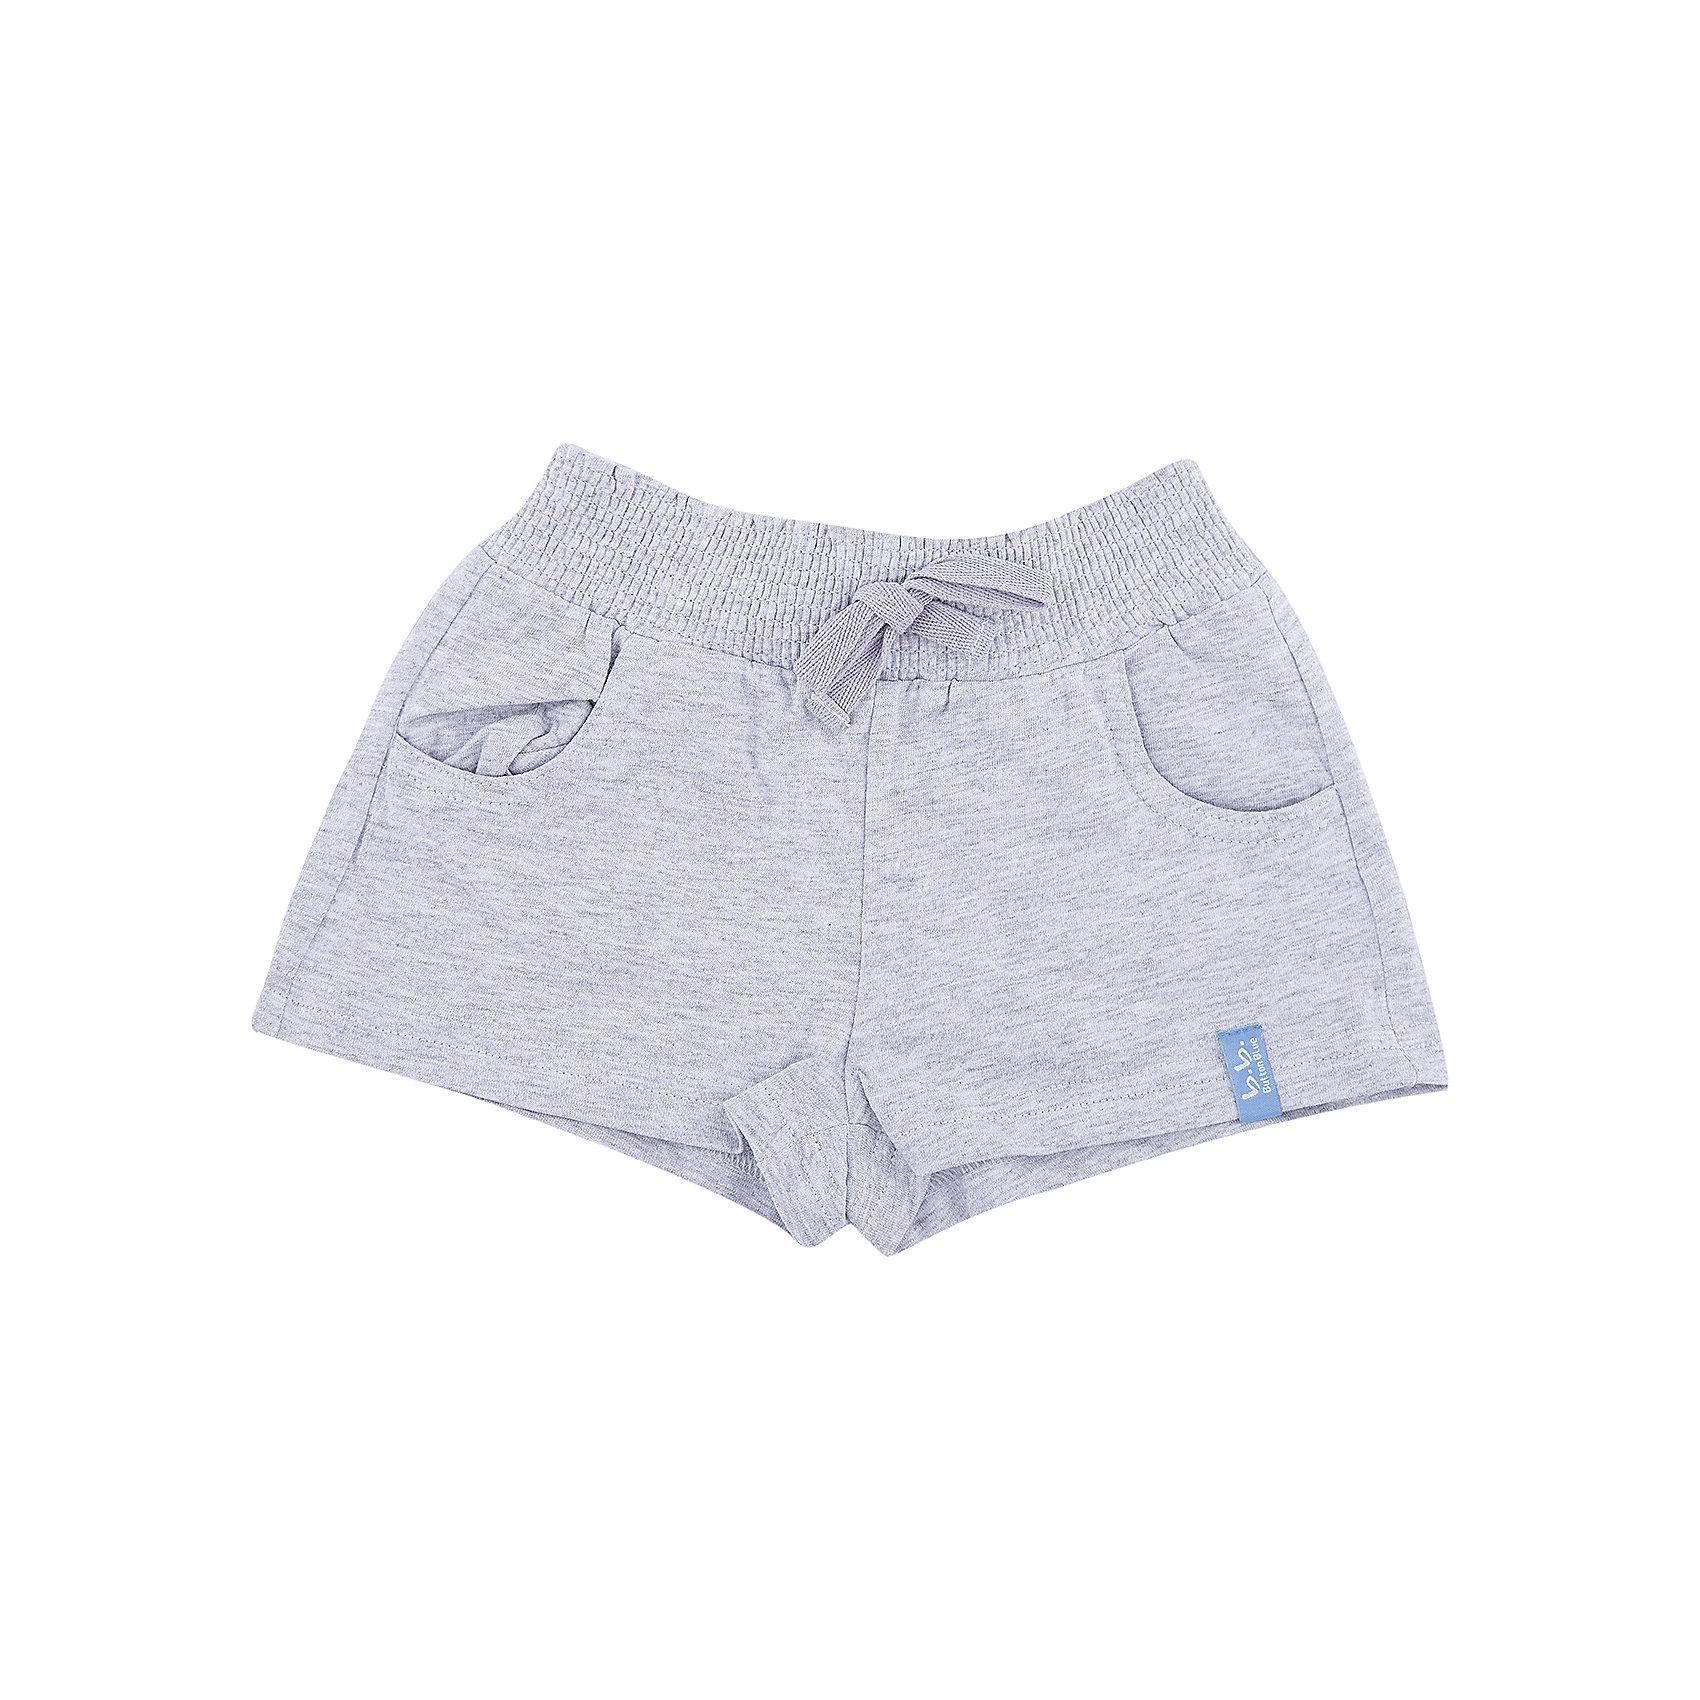 Шорты для девочки Button BlueШорты, бриджи, капри<br>Детские трикотажные шорты — образец комфорта! Шорты выполнены из серого меланжа, что позволяет им быть прекрасной парой для любой майки или футболки. Если вы хотите купить недорого удобные практичные серые шорты для девочки, эта модель — то, что нужно.<br>Состав:<br>95% хлопок 5%вискоза<br><br>Ширина мм: 191<br>Глубина мм: 10<br>Высота мм: 175<br>Вес г: 273<br>Цвет: серый<br>Возраст от месяцев: 36<br>Возраст до месяцев: 48<br>Пол: Женский<br>Возраст: Детский<br>Размер: 104,128,116,98,134,110,140,122<br>SKU: 4510059